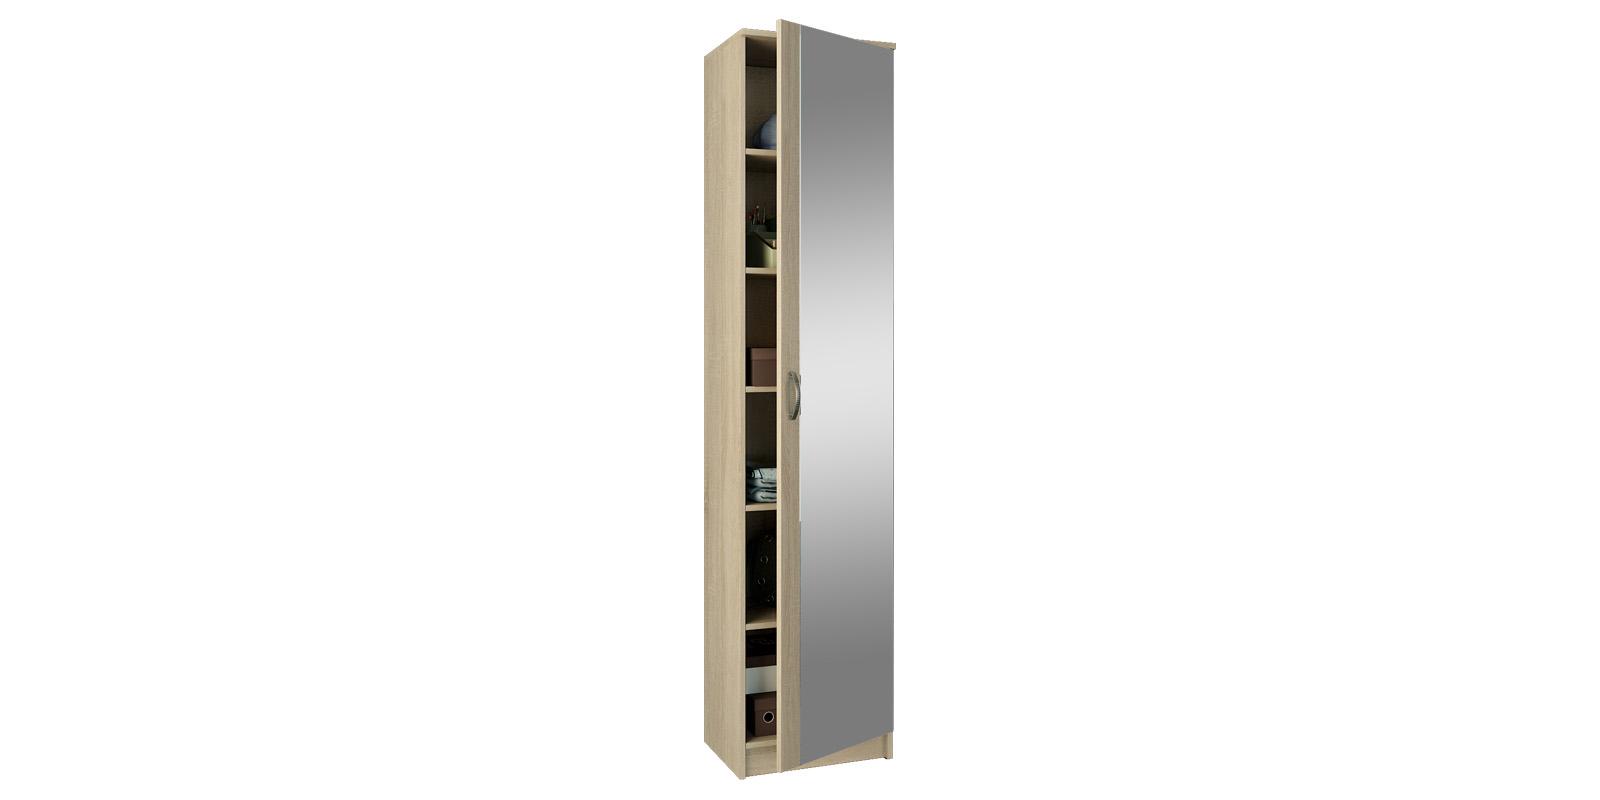 Шкаф распашной однодверный Хельга вариант №2 (дуб сонома)